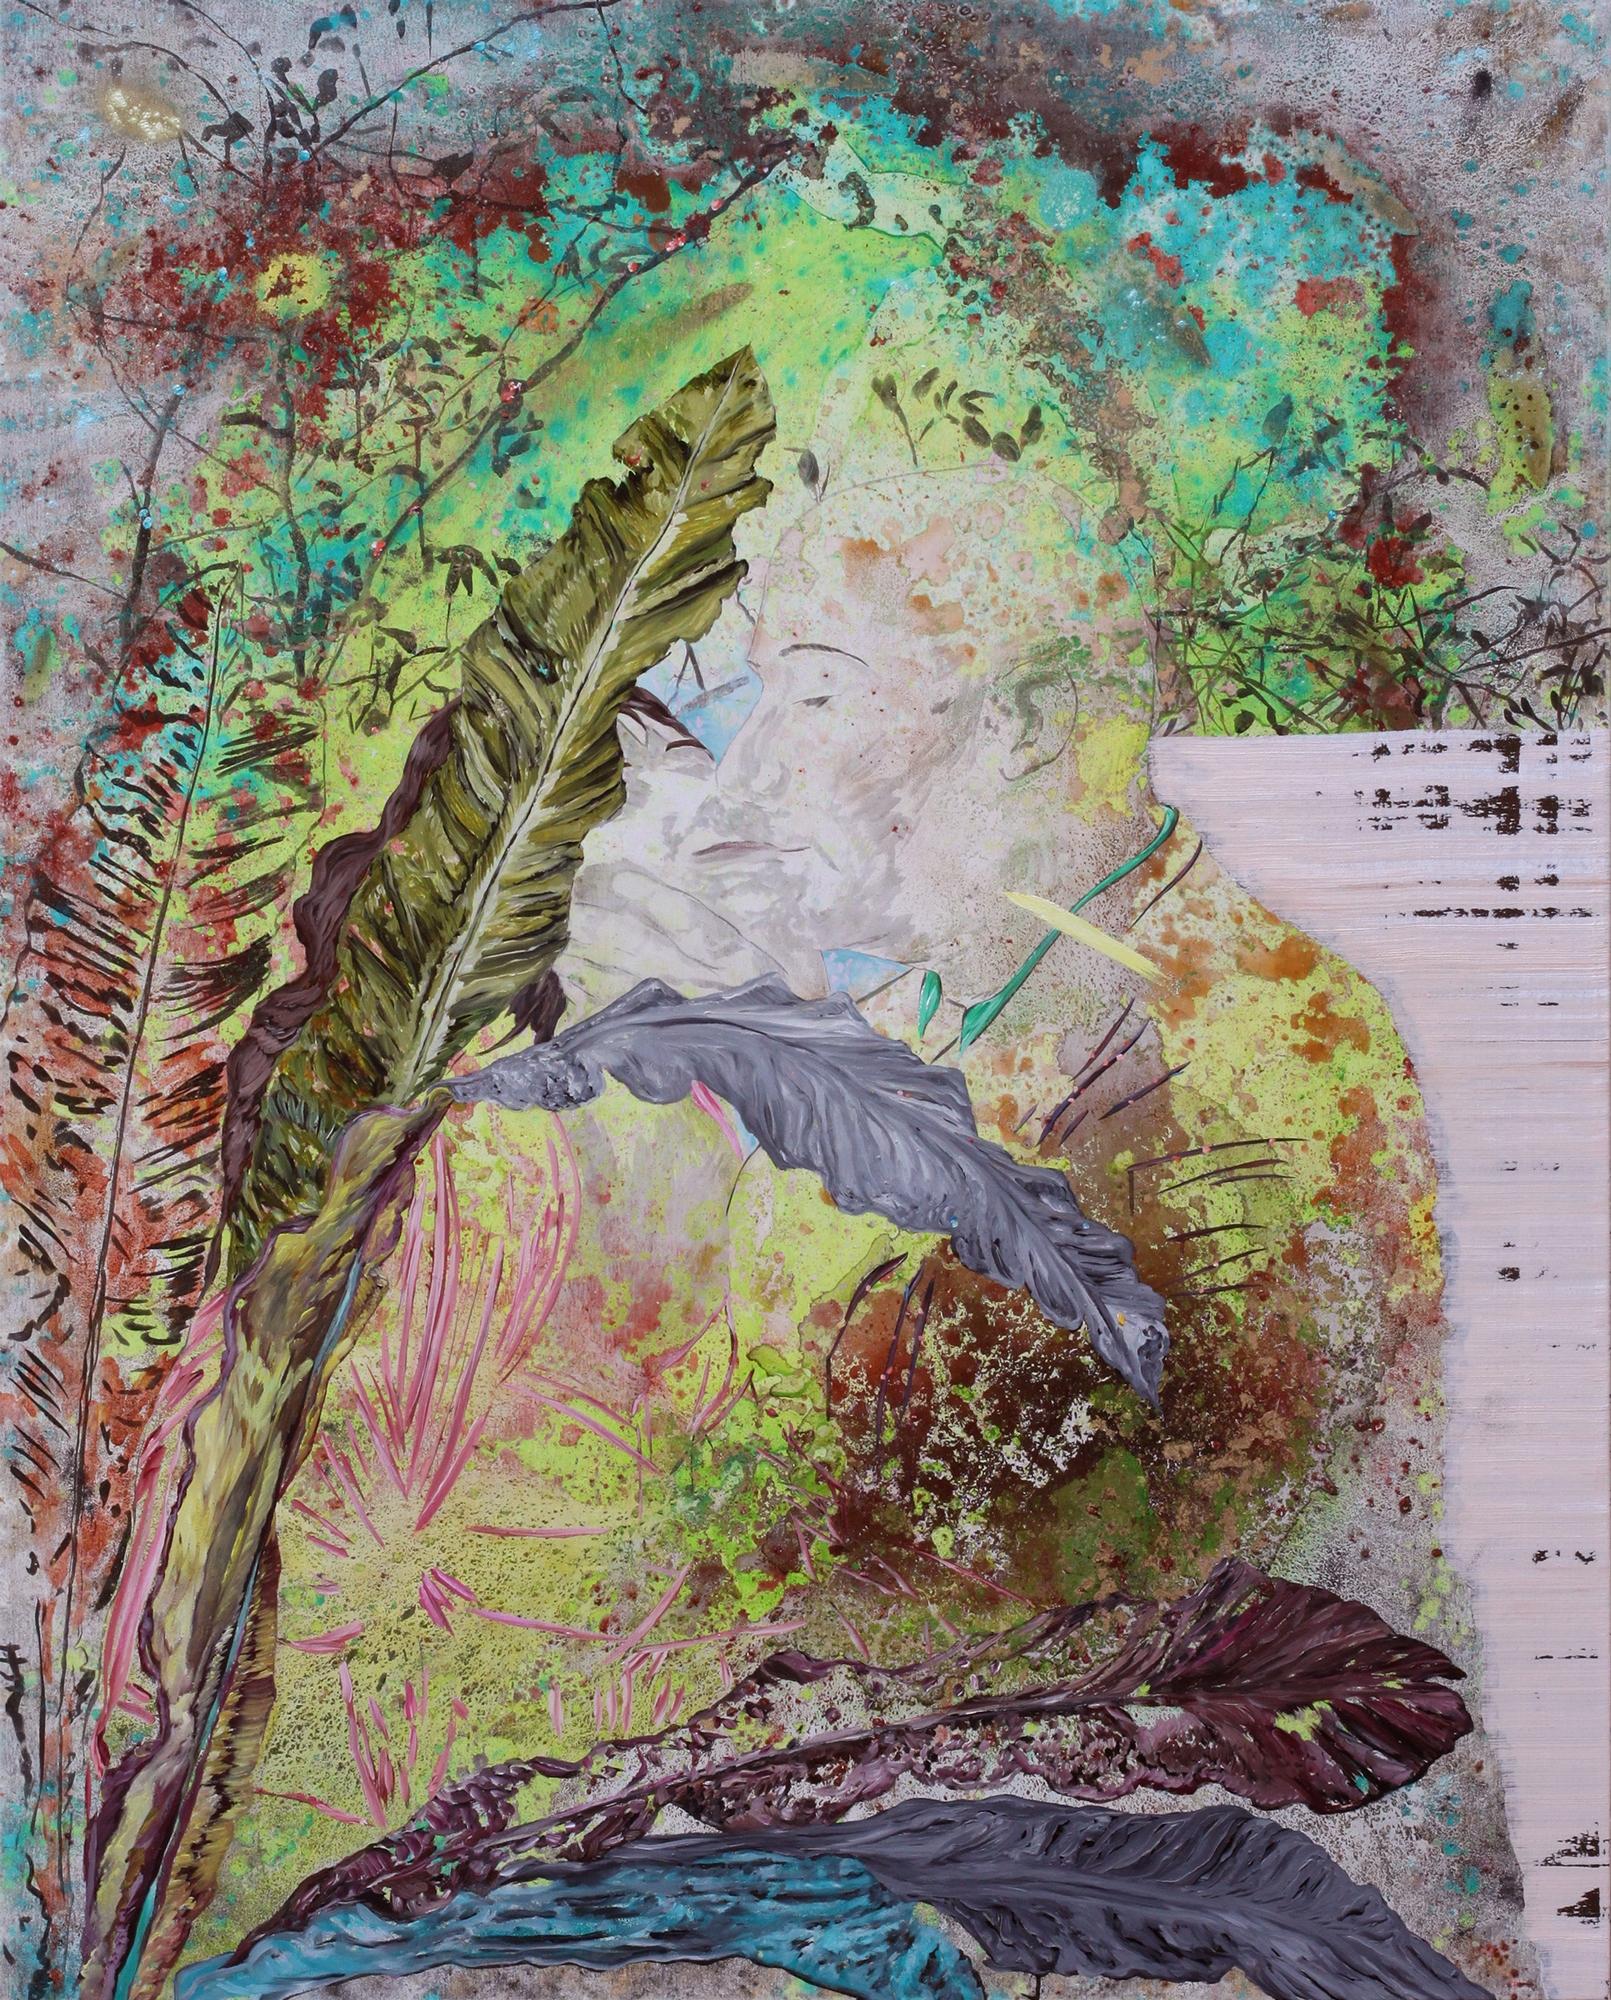 Tentative immobile de bien t'embrasser, Marc Molk, 2015, huile et acrylique sur toile, 162 x 130 cm